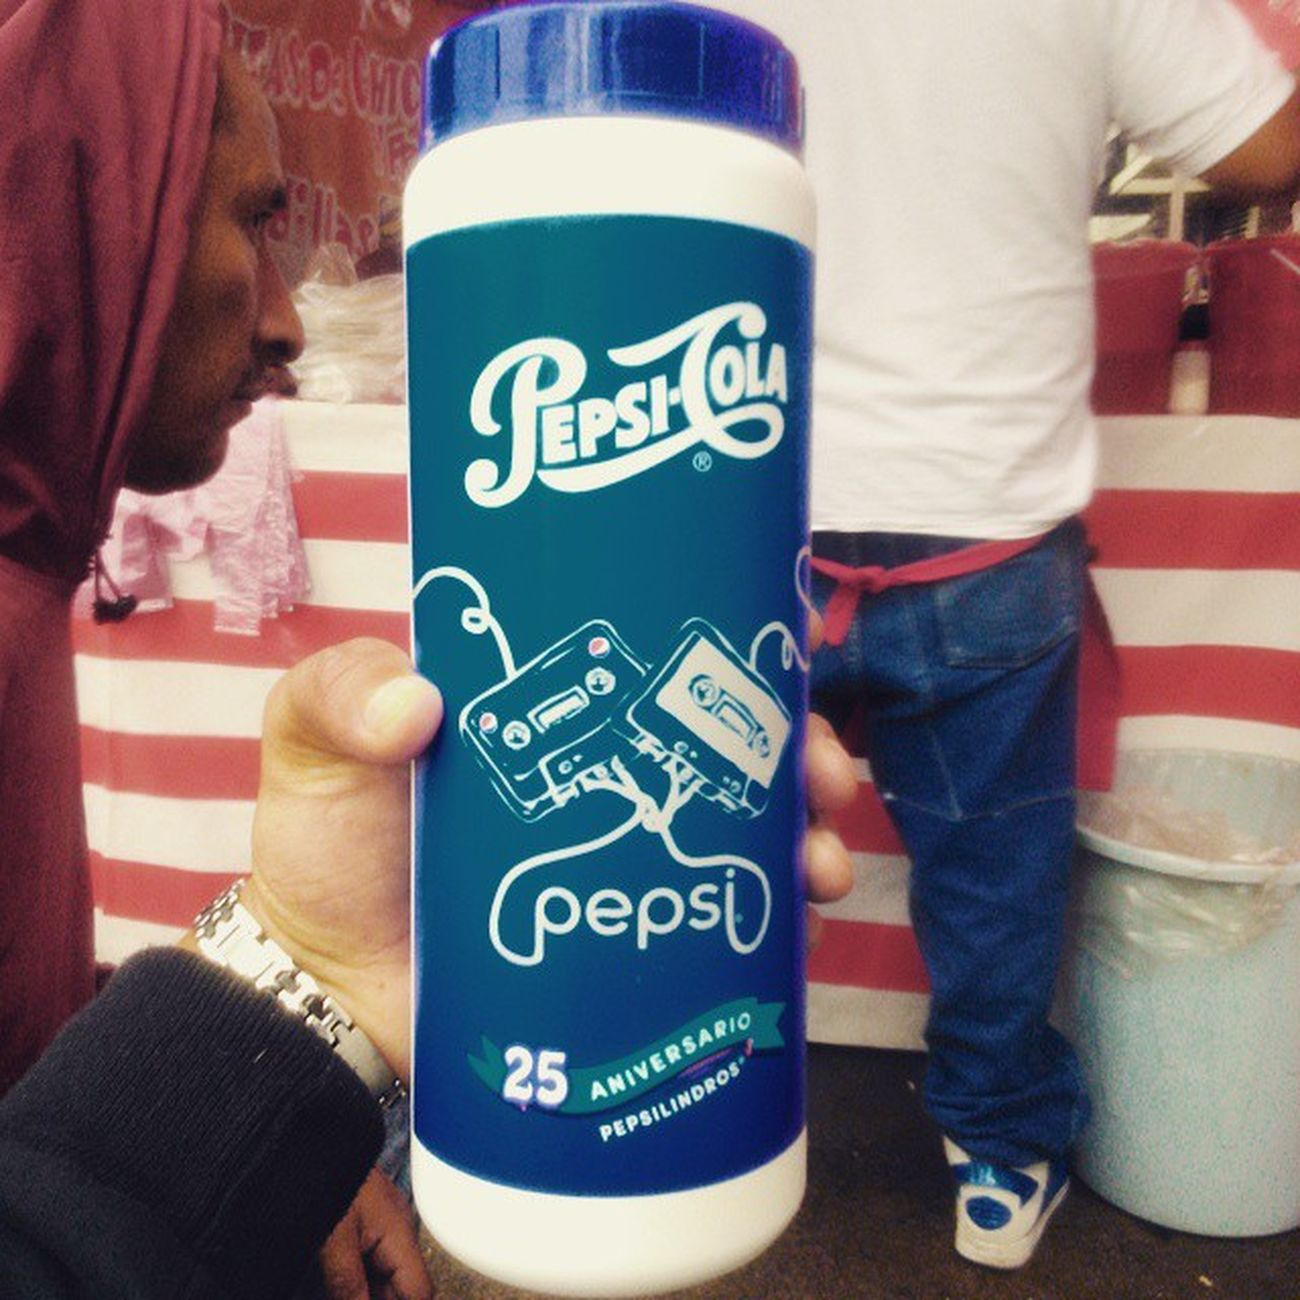 Me encanta mi Pepsilindro GraciasFernanda 😻❤